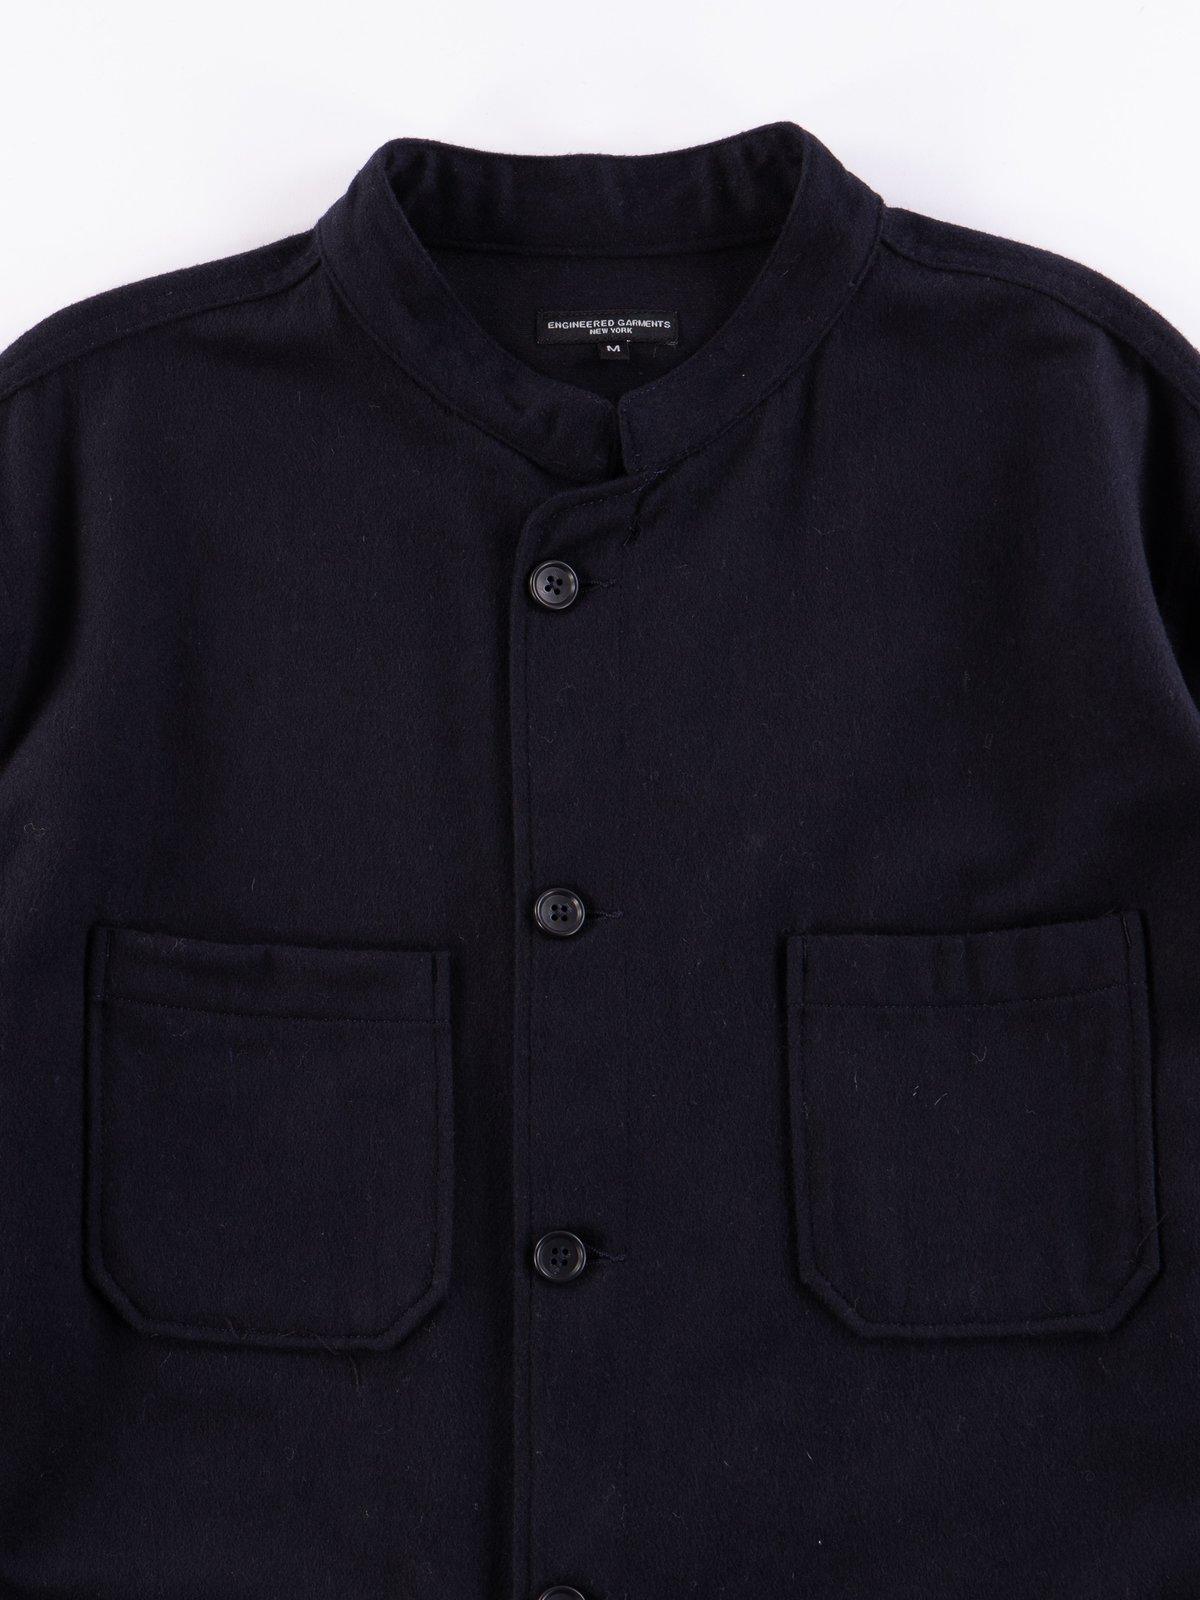 Dark Navy Wool Cotton Flannel Dayton Shirt - Image 3